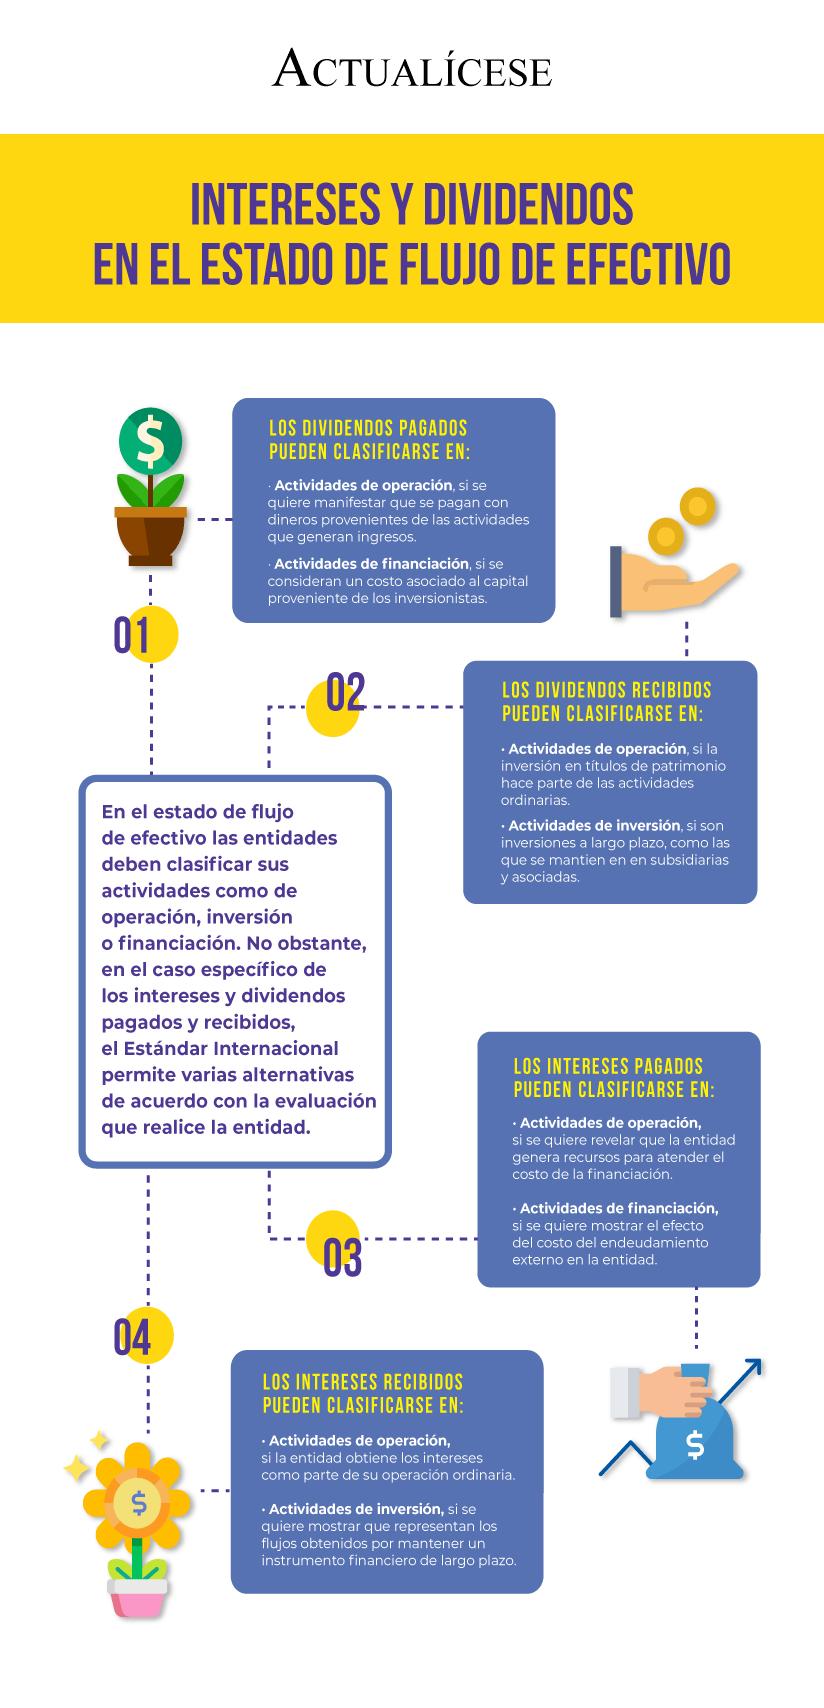 [Infografía] Intereses y dividendos en el estado de flujo de efectivo